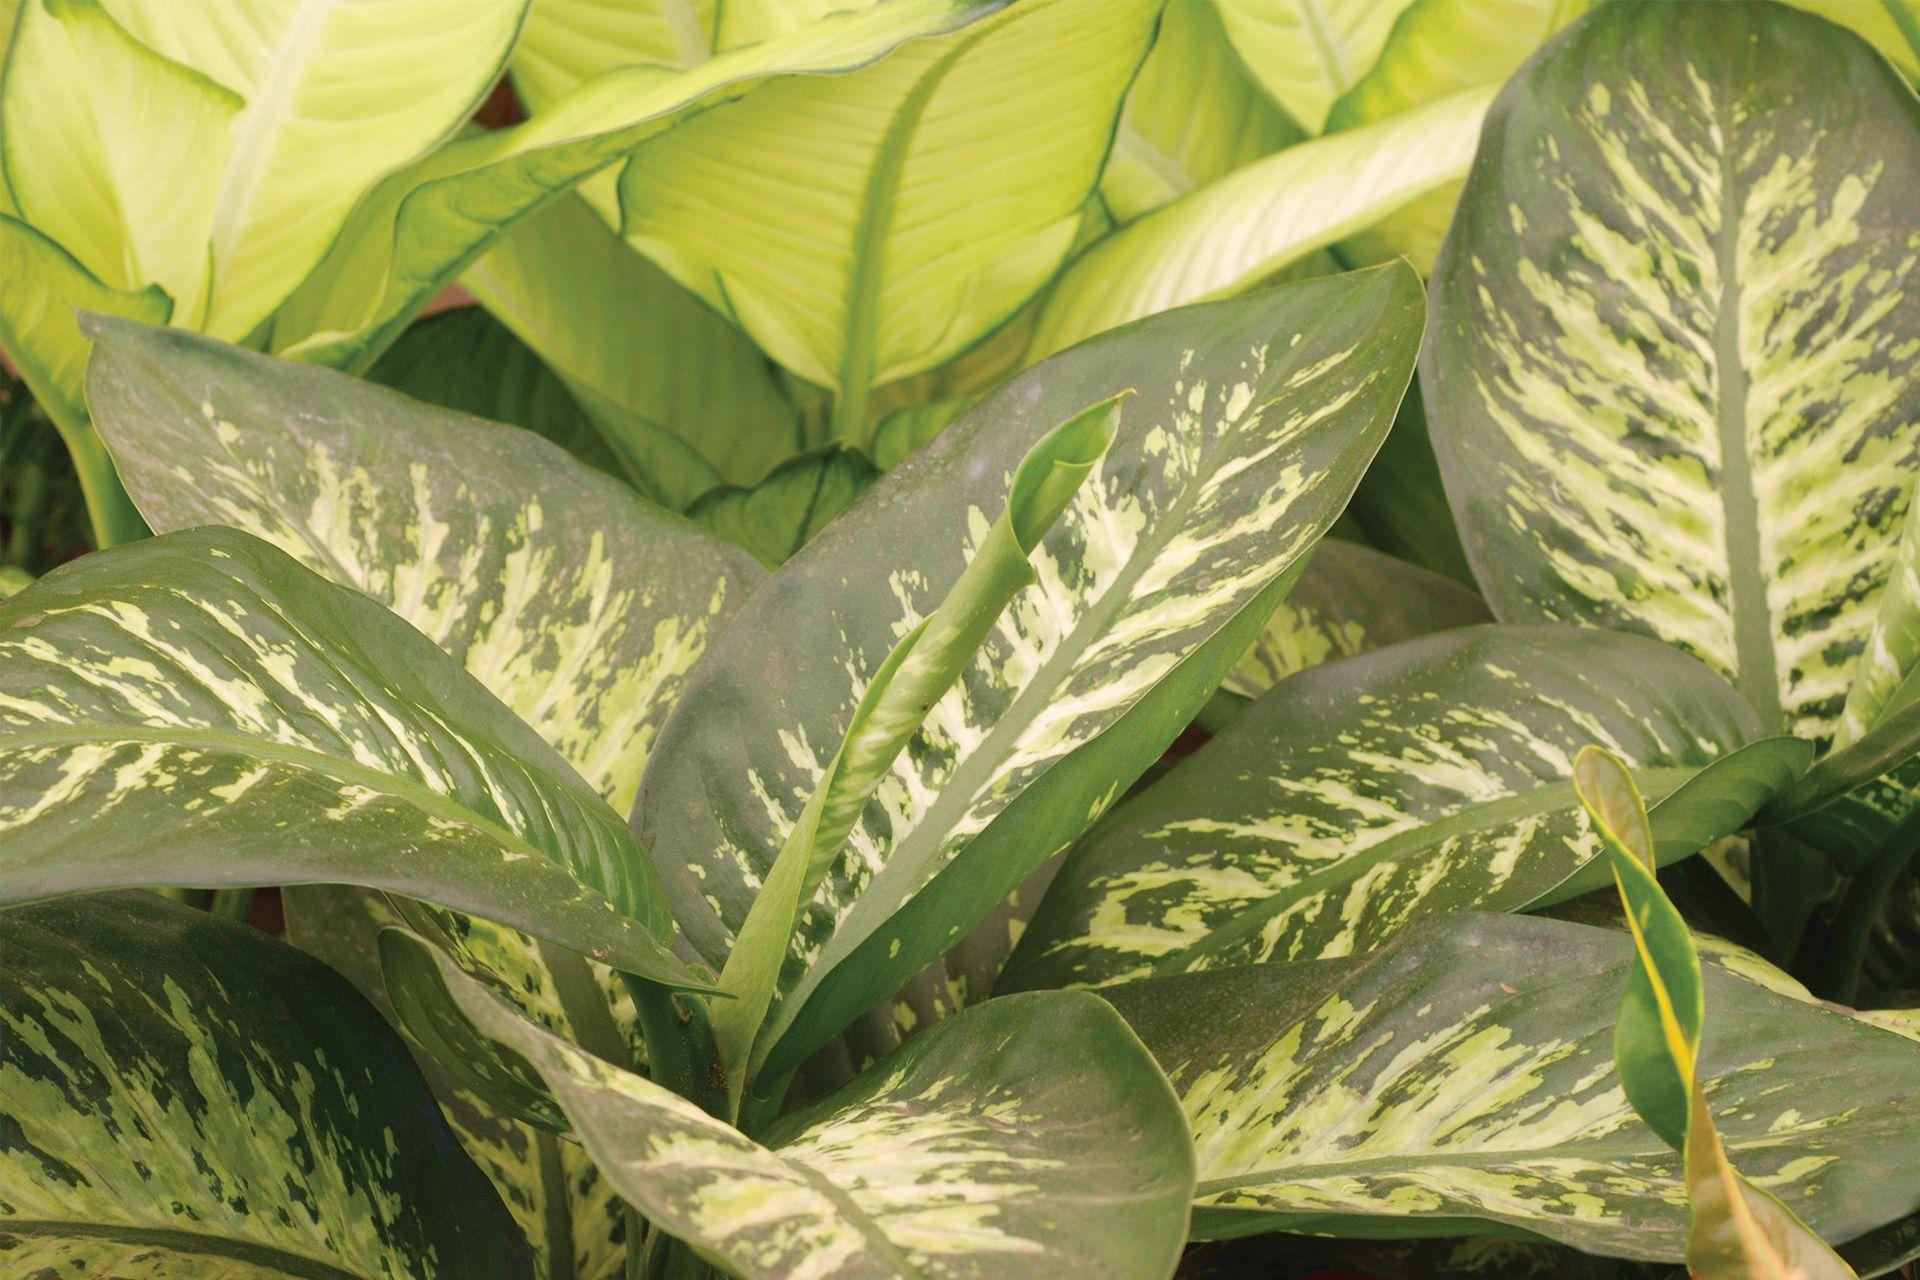 La Dieffenbachia (caña de mudo), tiene múltiples y atractivas variedades, además de resistencia a condiciones de cultivo en interiores. Los padres de chicos pequeños deberían abstenerse de tenerlas en sus casas.